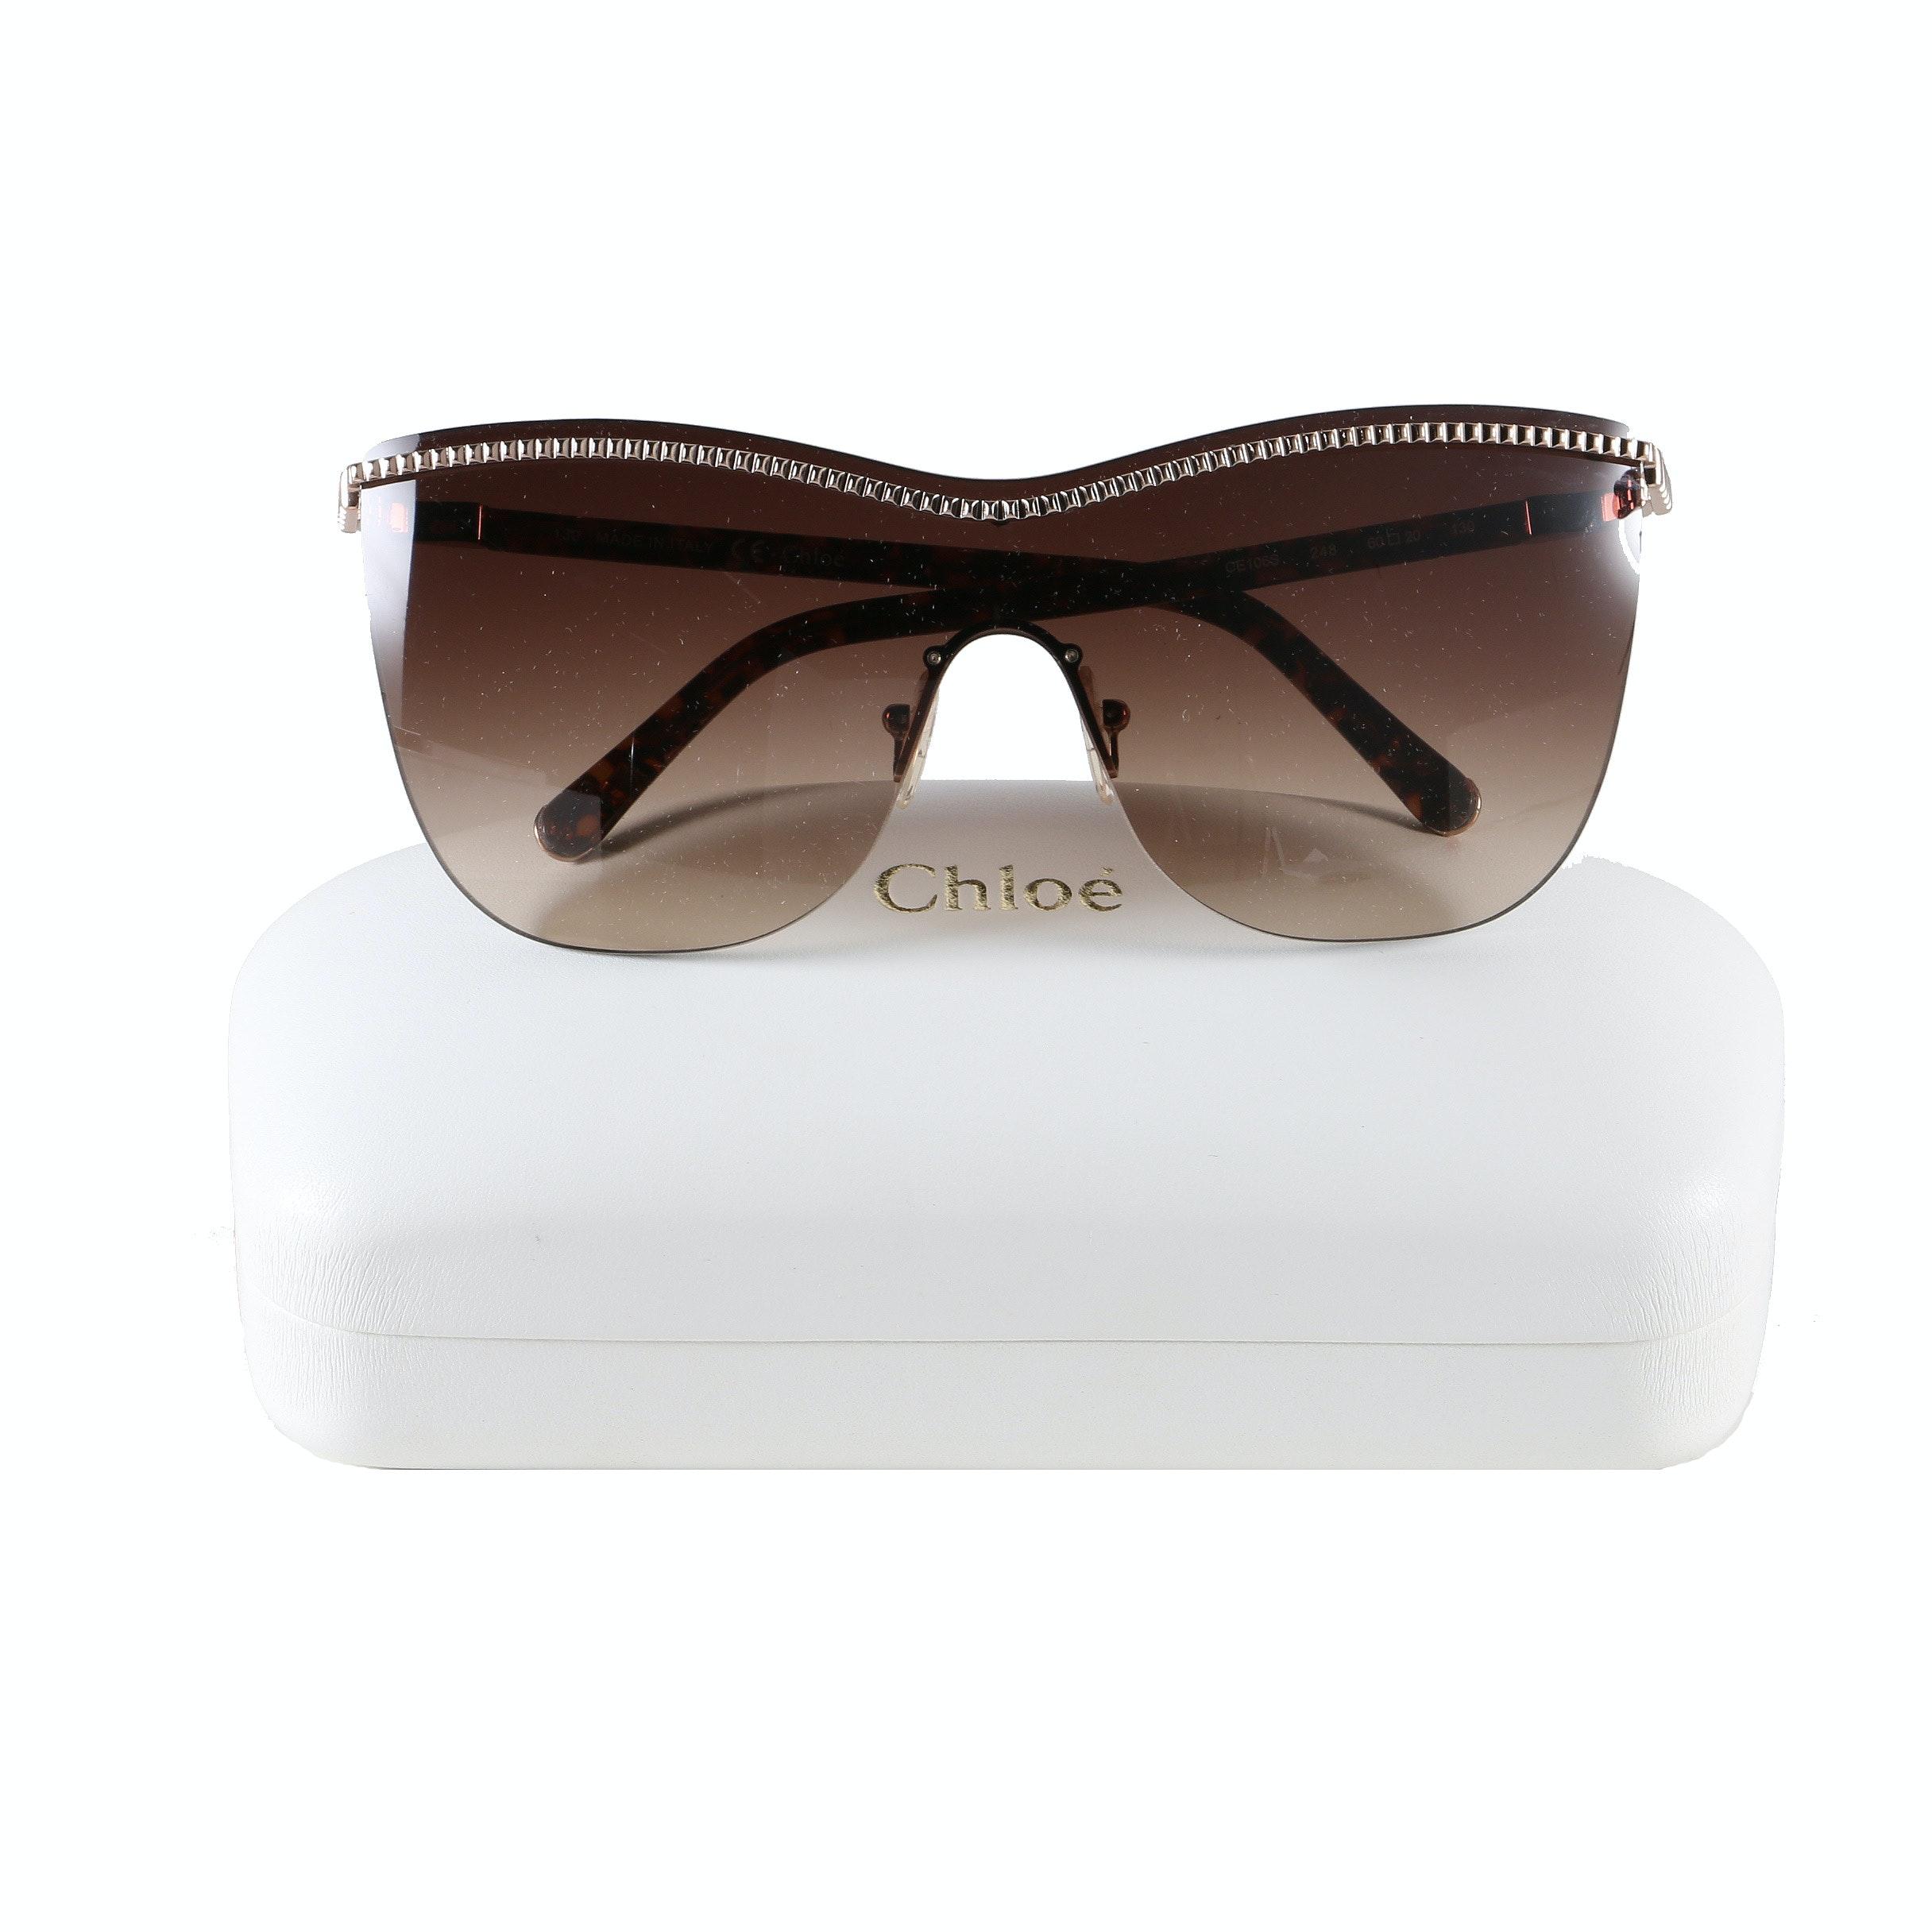 Chloé Rimless Sunglasses